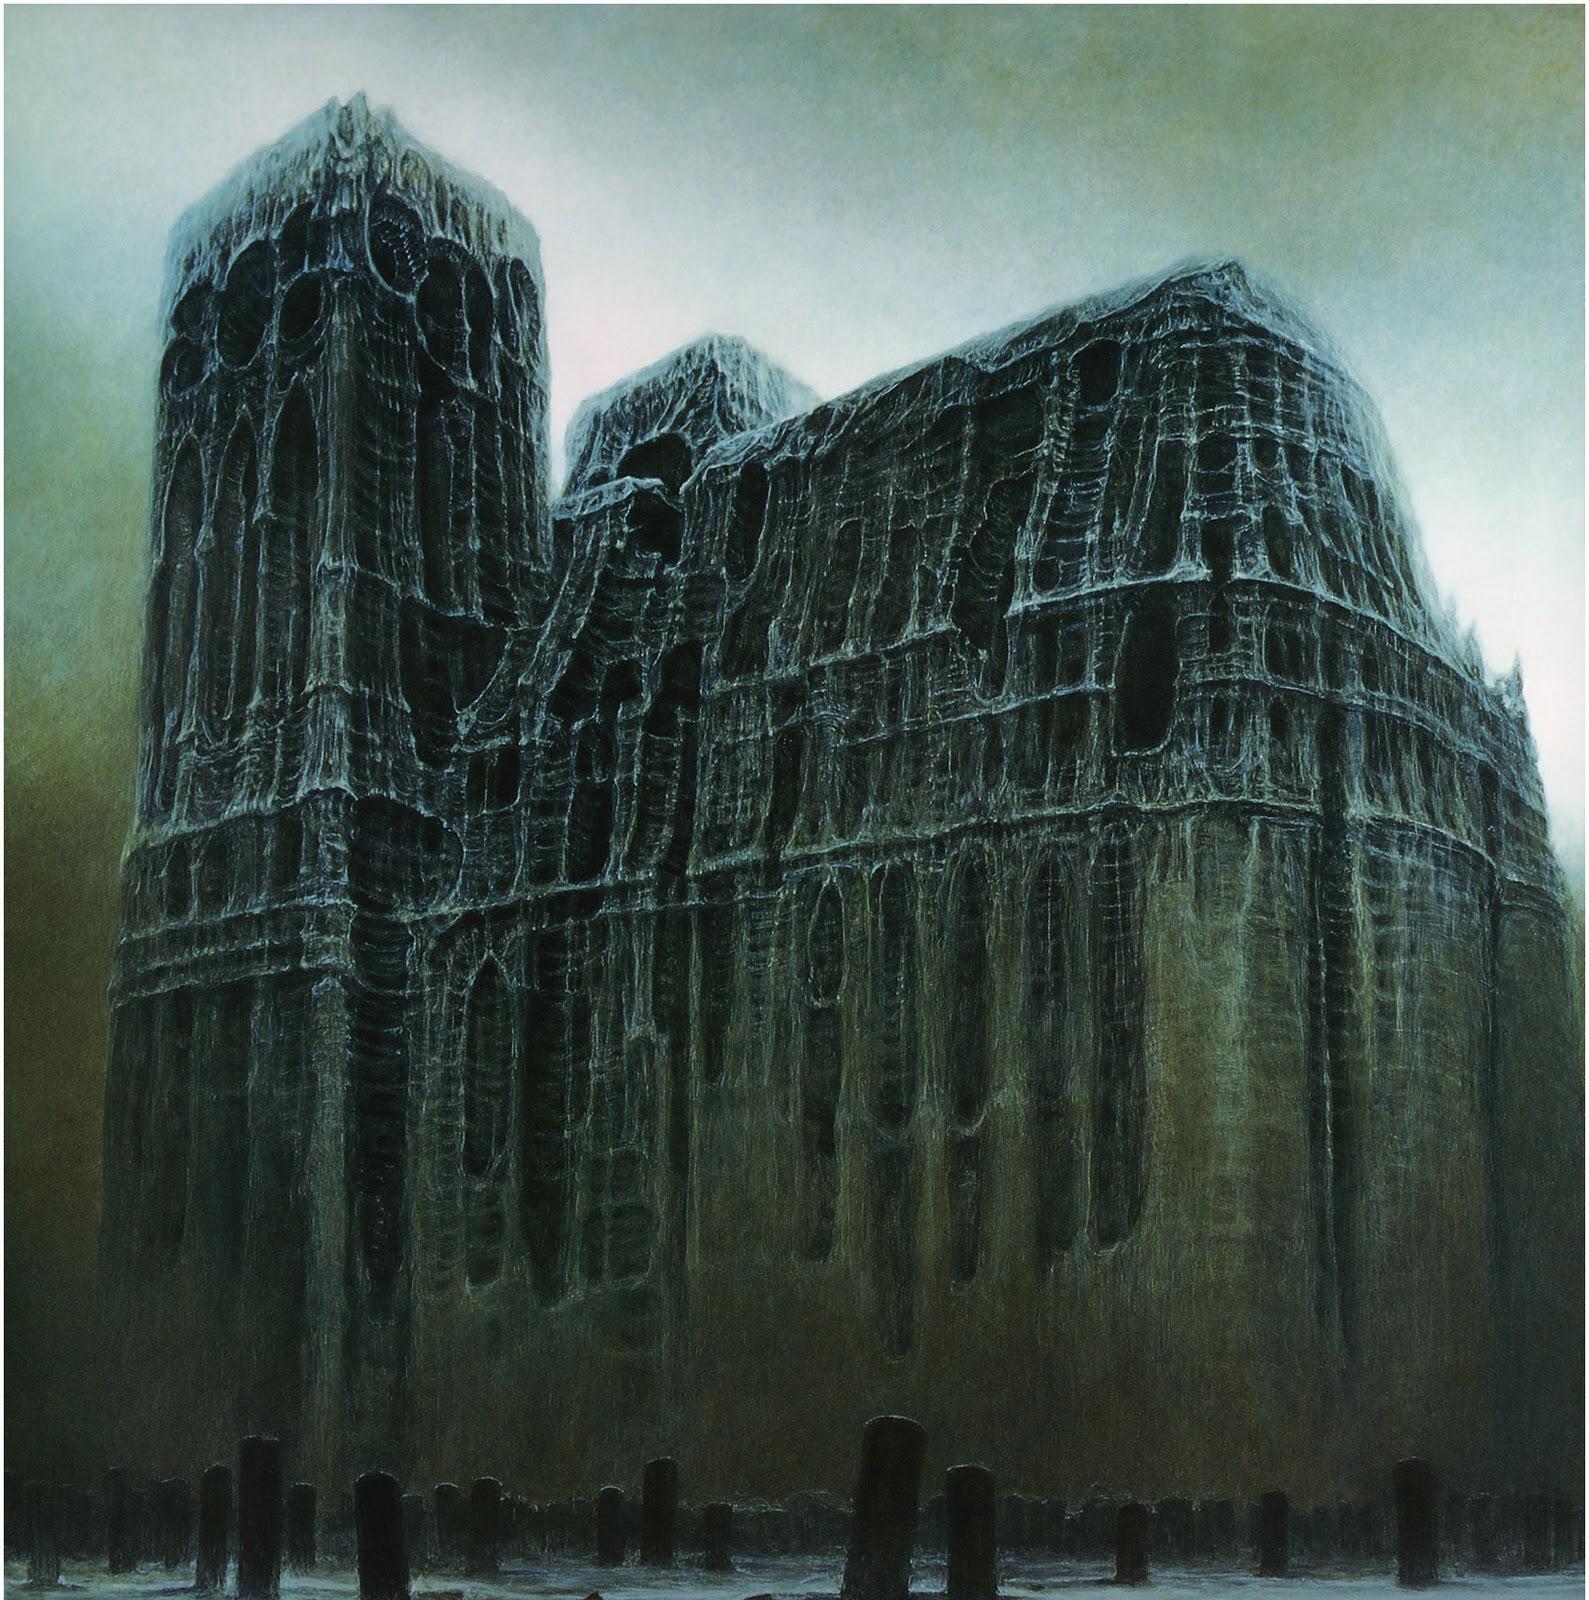 El arte gótico y oscuro de Zdzislaw Beksinski Zdzis%C5%82aw+Beksi%C5%84ski+-+1985+(10)